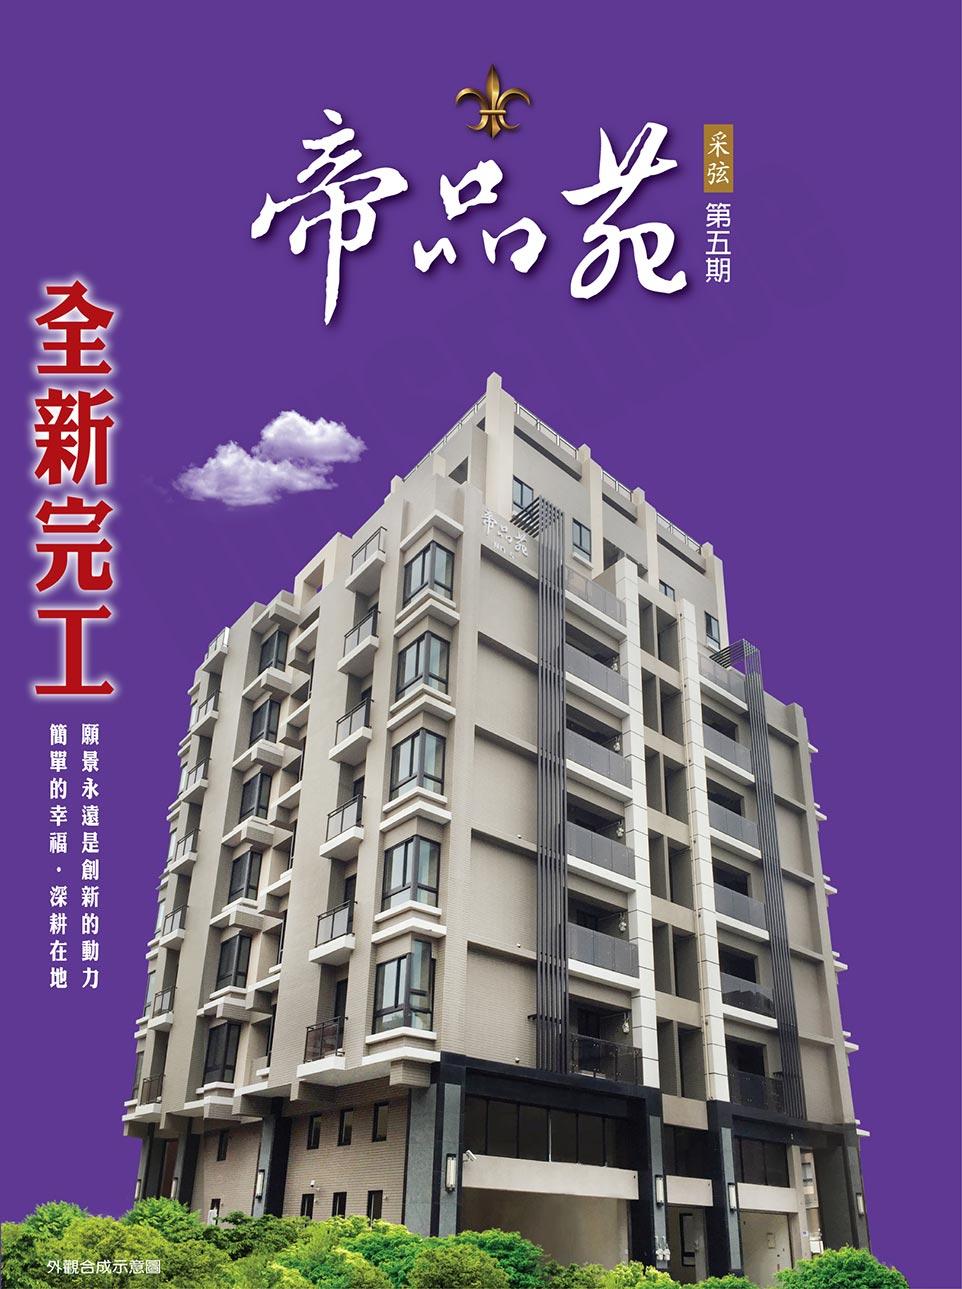 帝品苑No.5